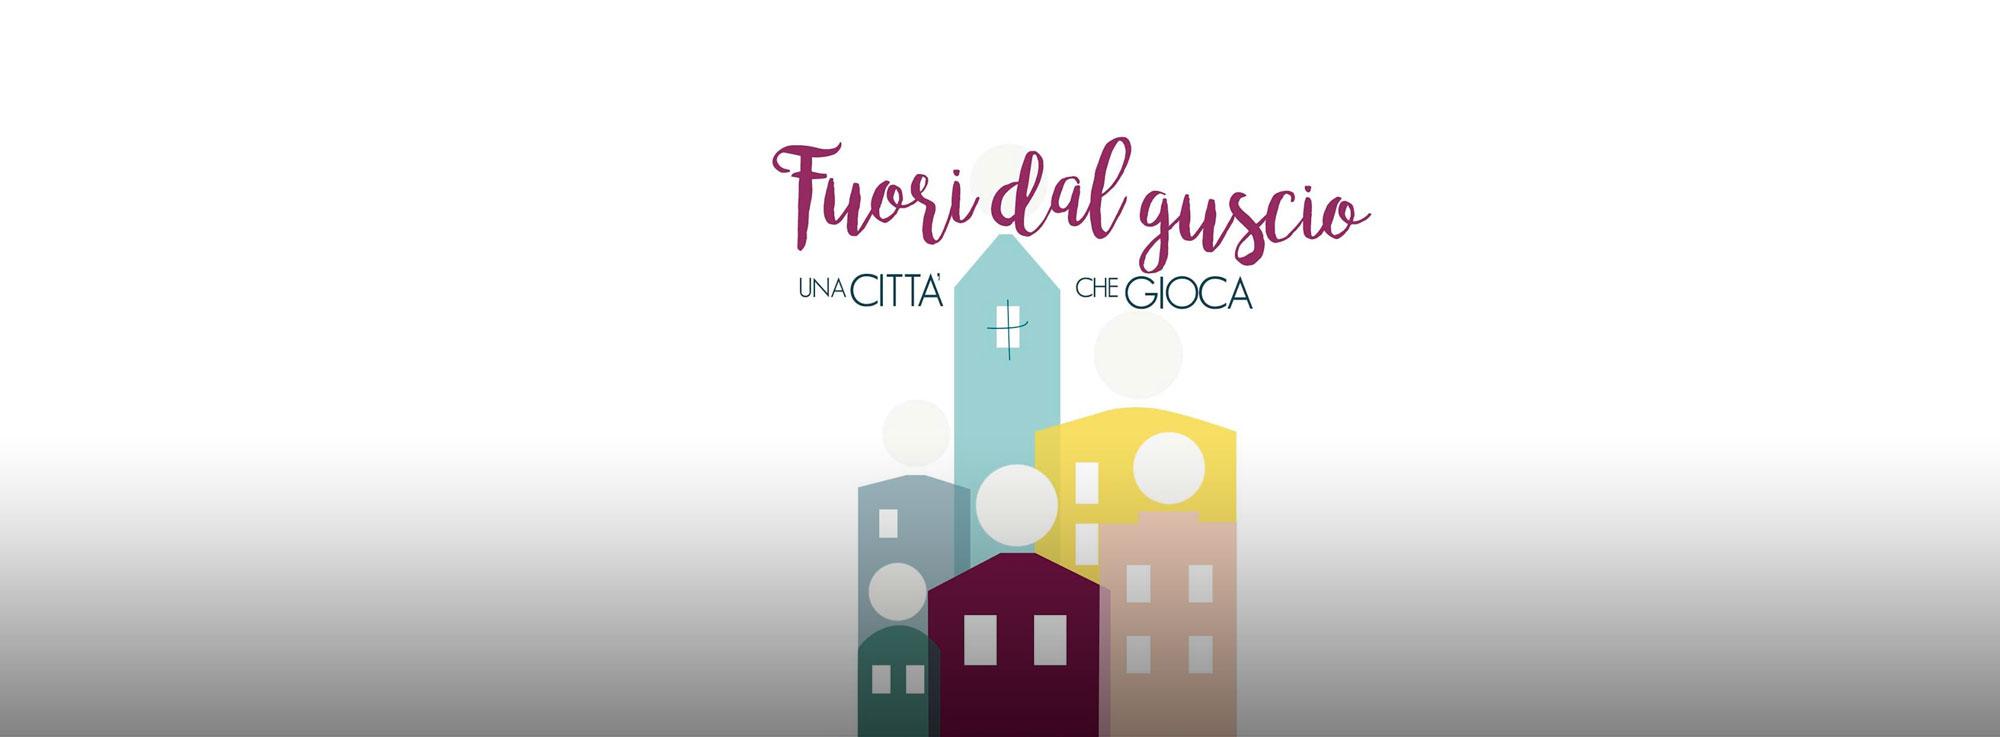 Manfredonia: Fuori dal guscio